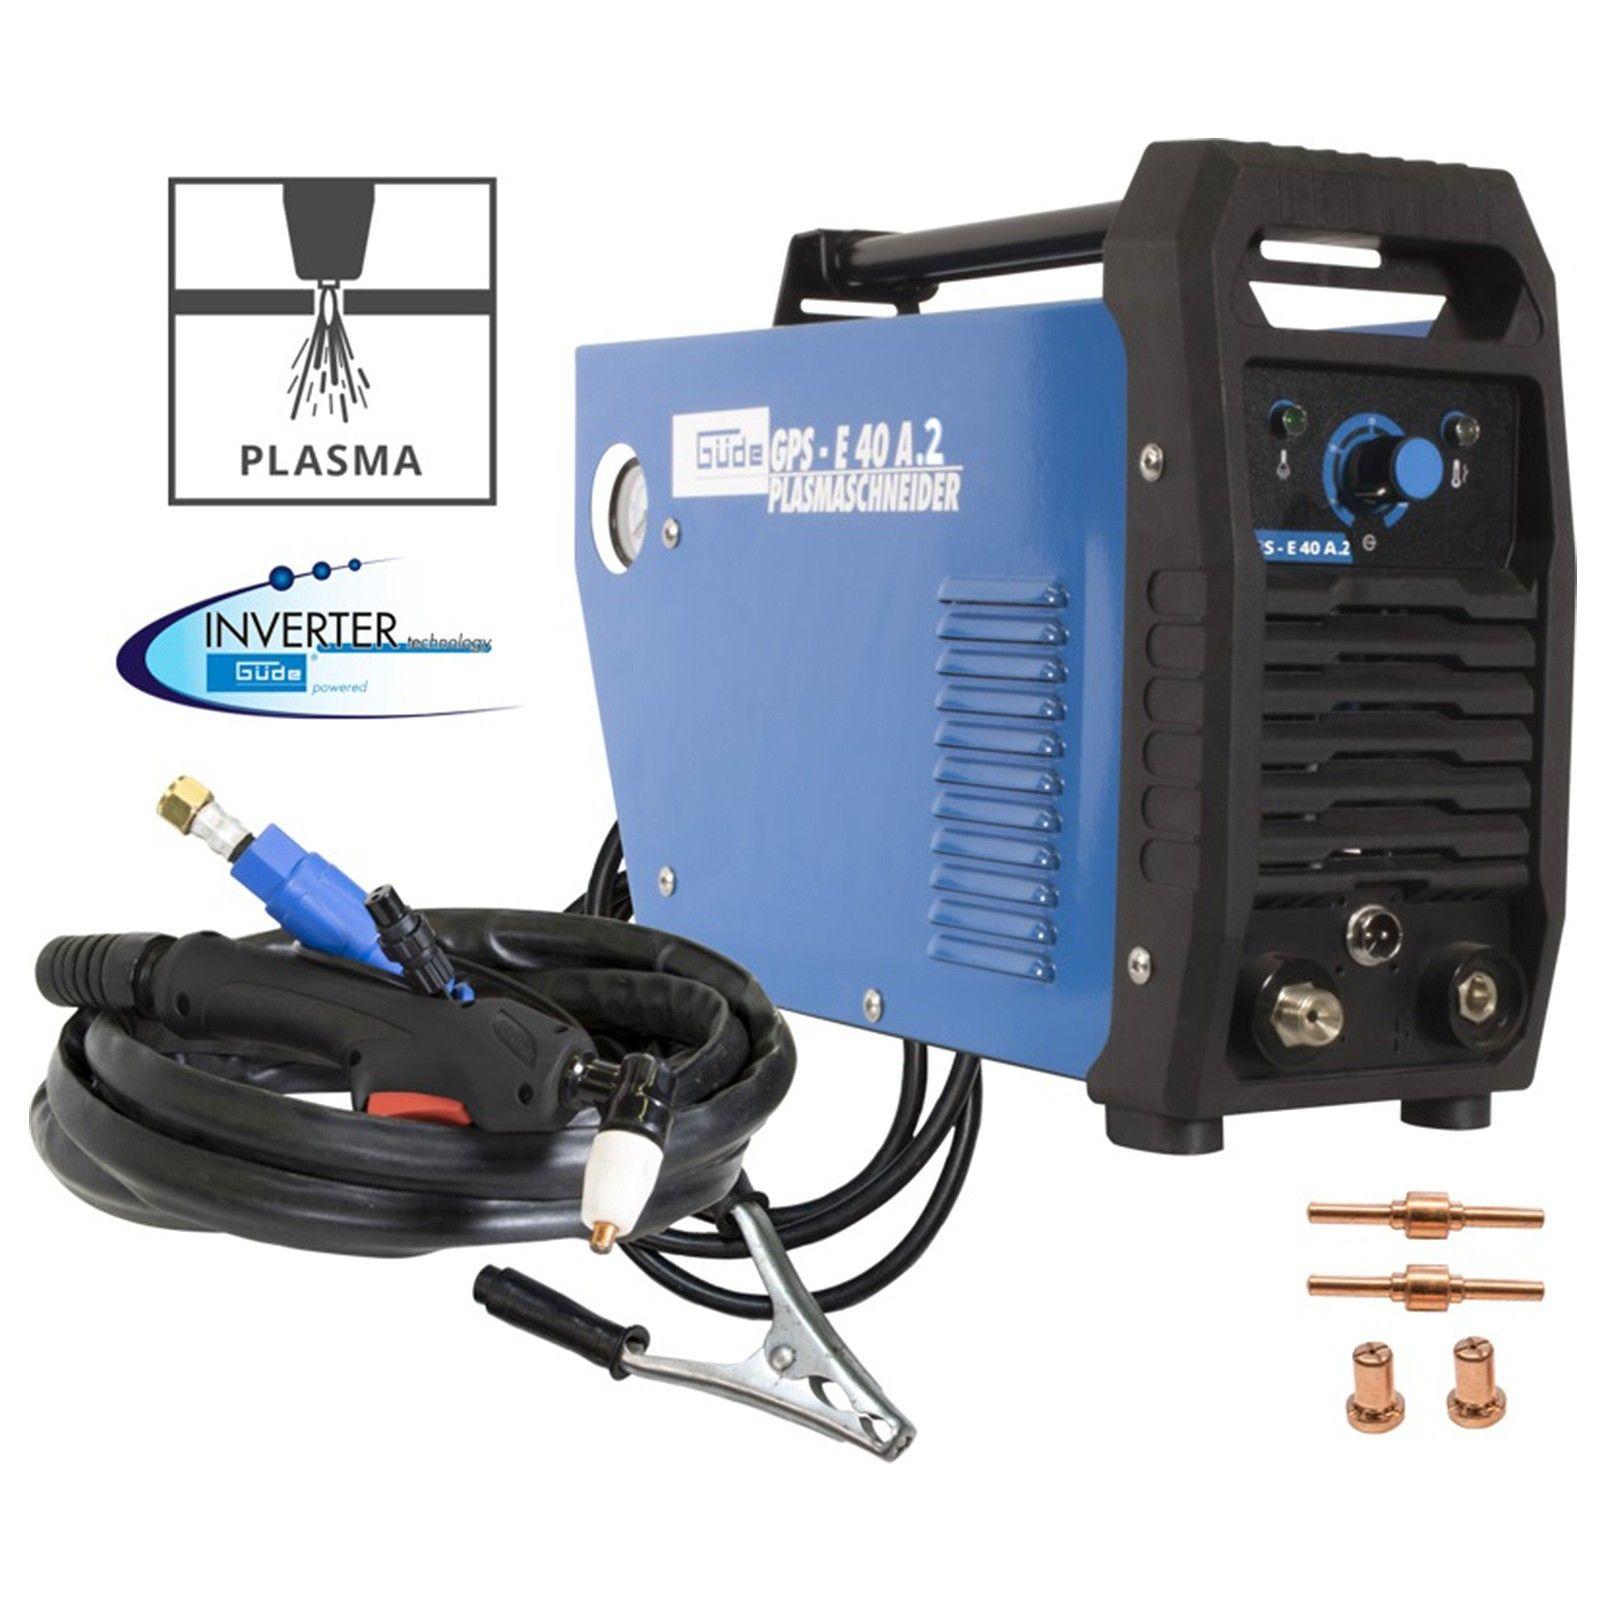 Güde Plasmaschneider Plasma Cutter Pilotzündung Schneiden bis 12mm GPS-E 40 A.2